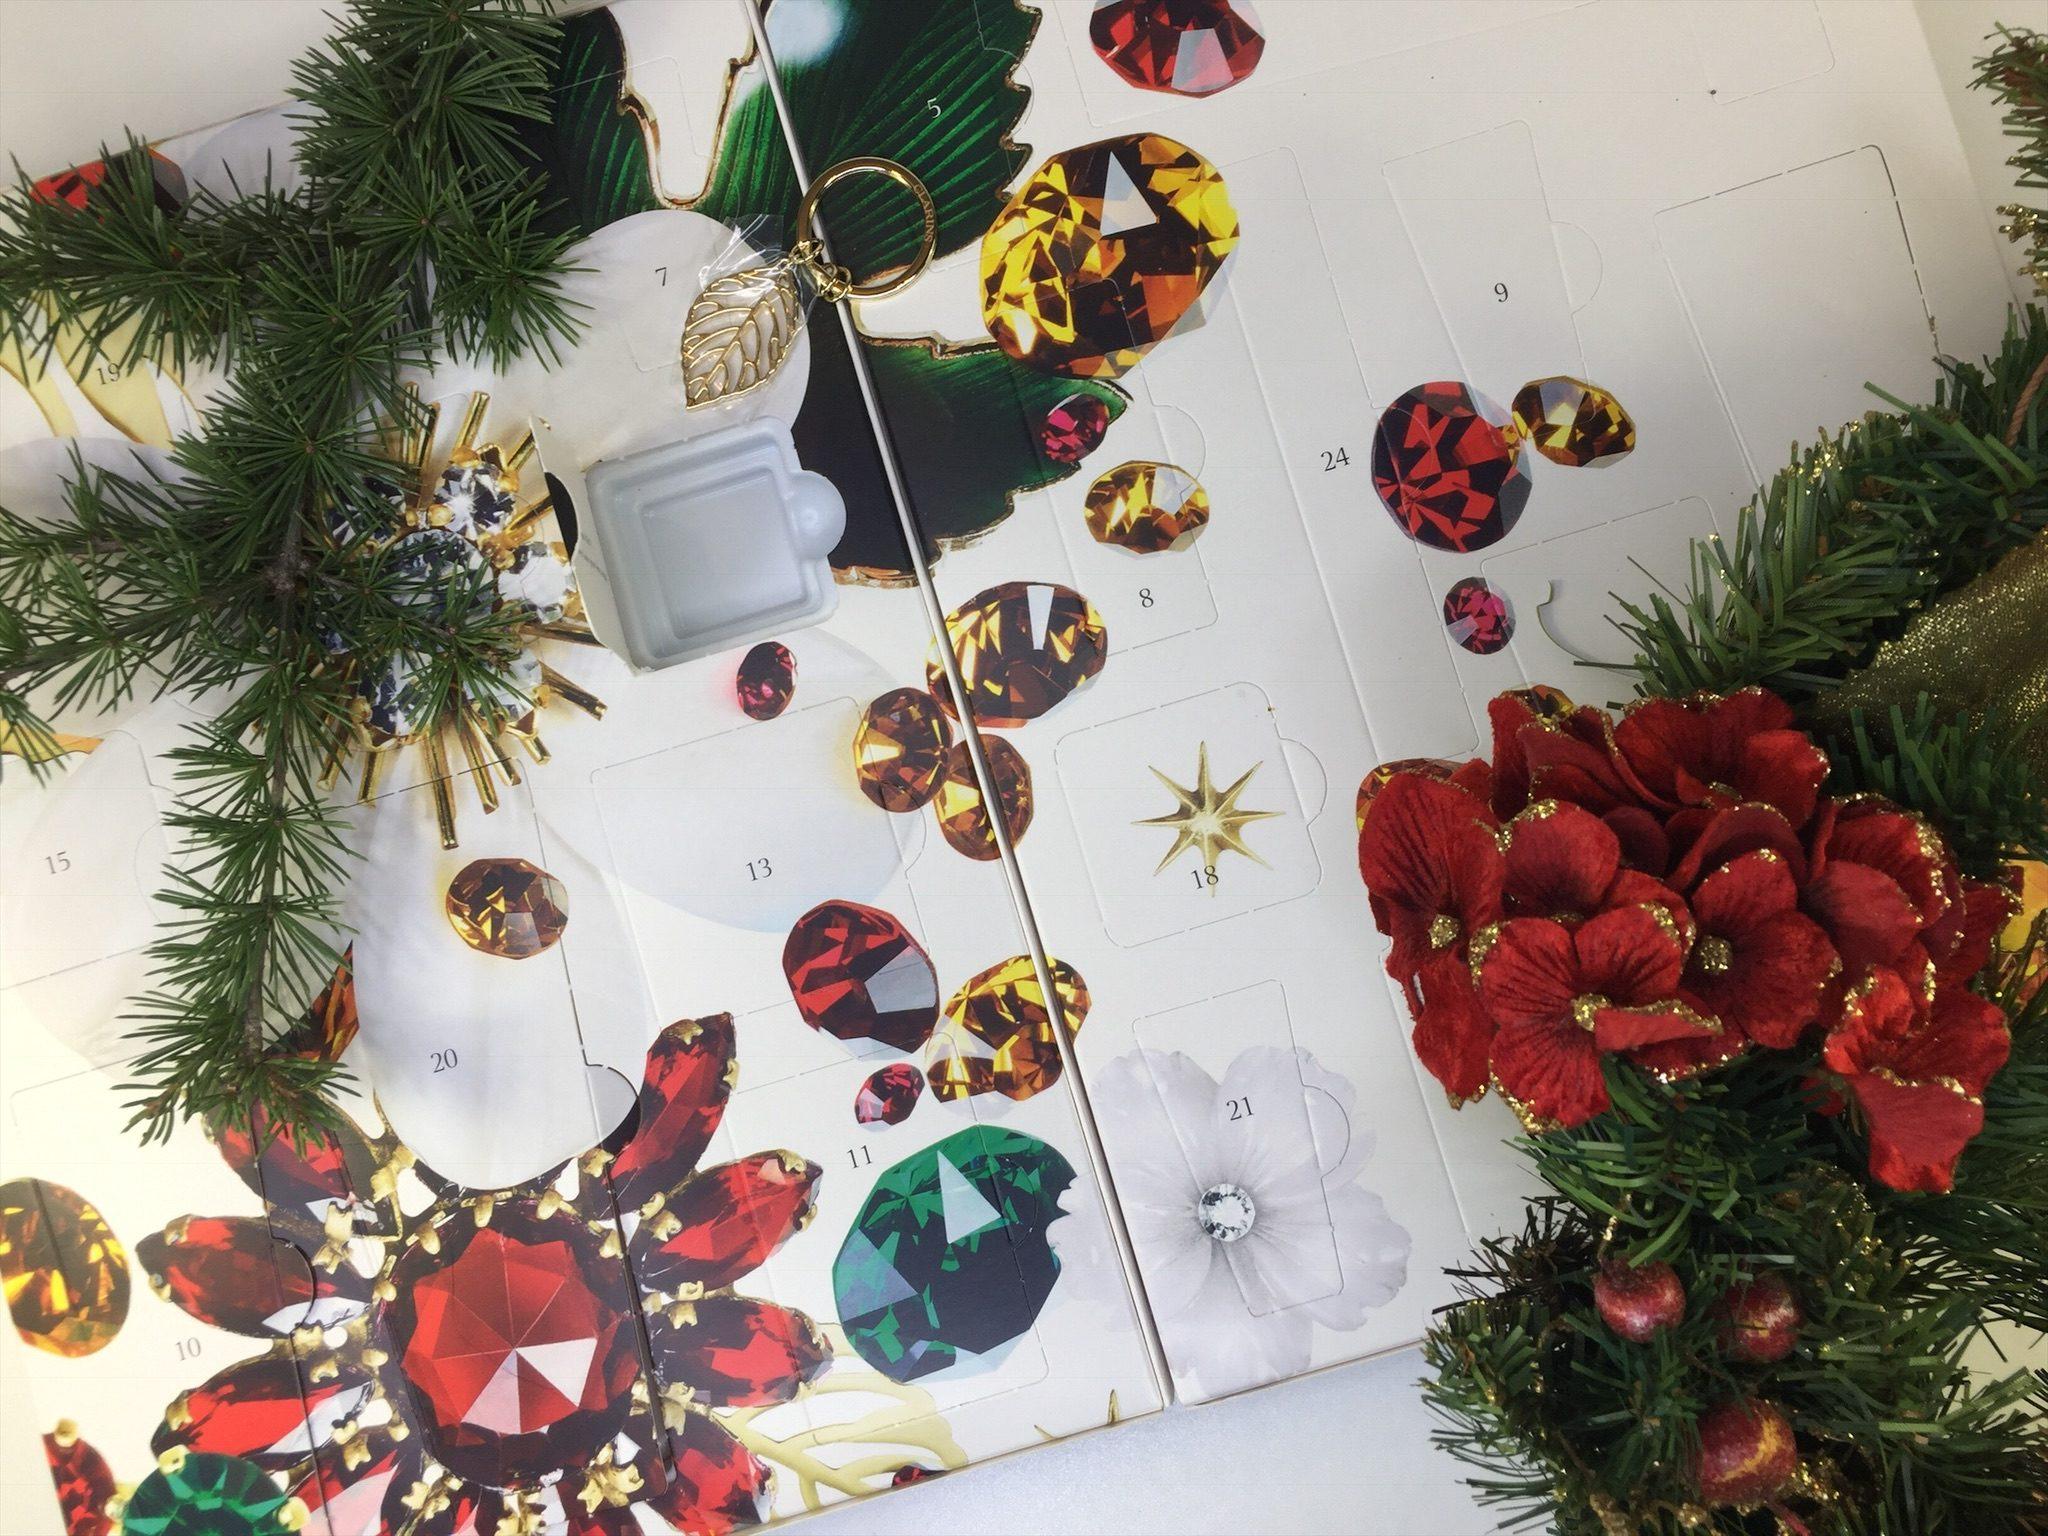 Clarins Calendario Avvento.Calendario Avvento Speciale Aspettando Il Natale Con Clarins